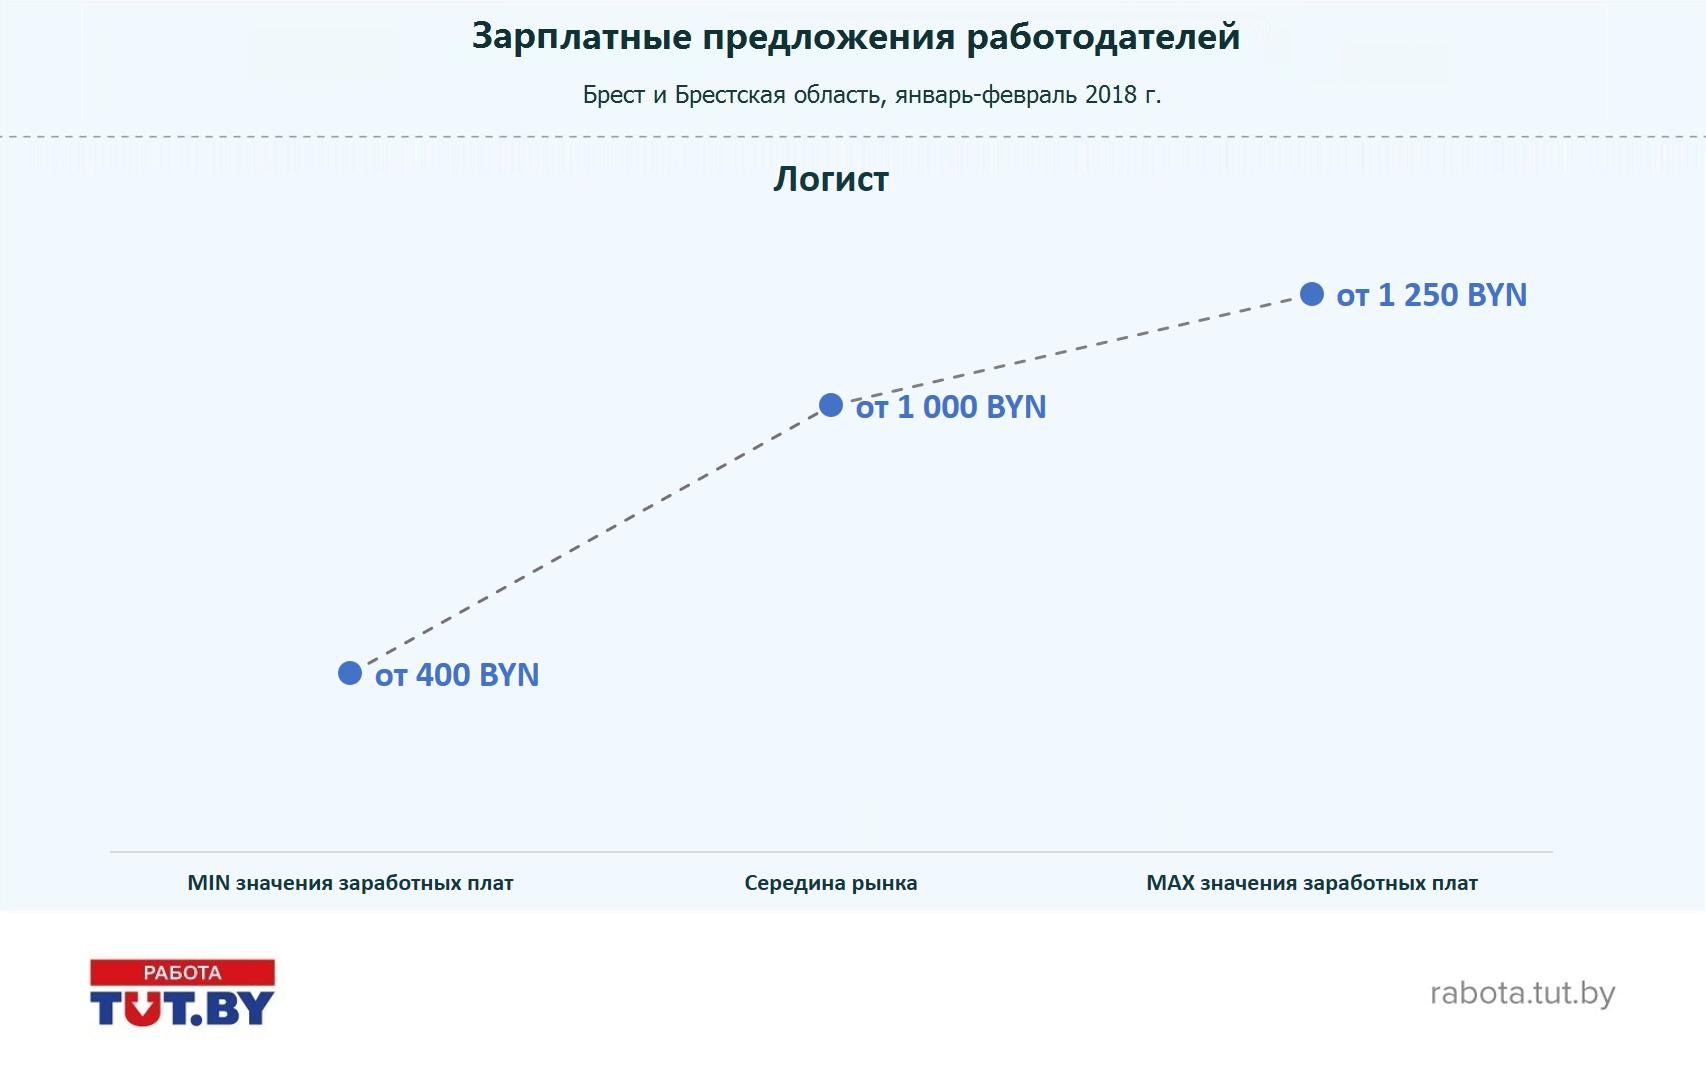 Рынок труда Бреста и Брестской области: вакансии, резюме, зарплаты